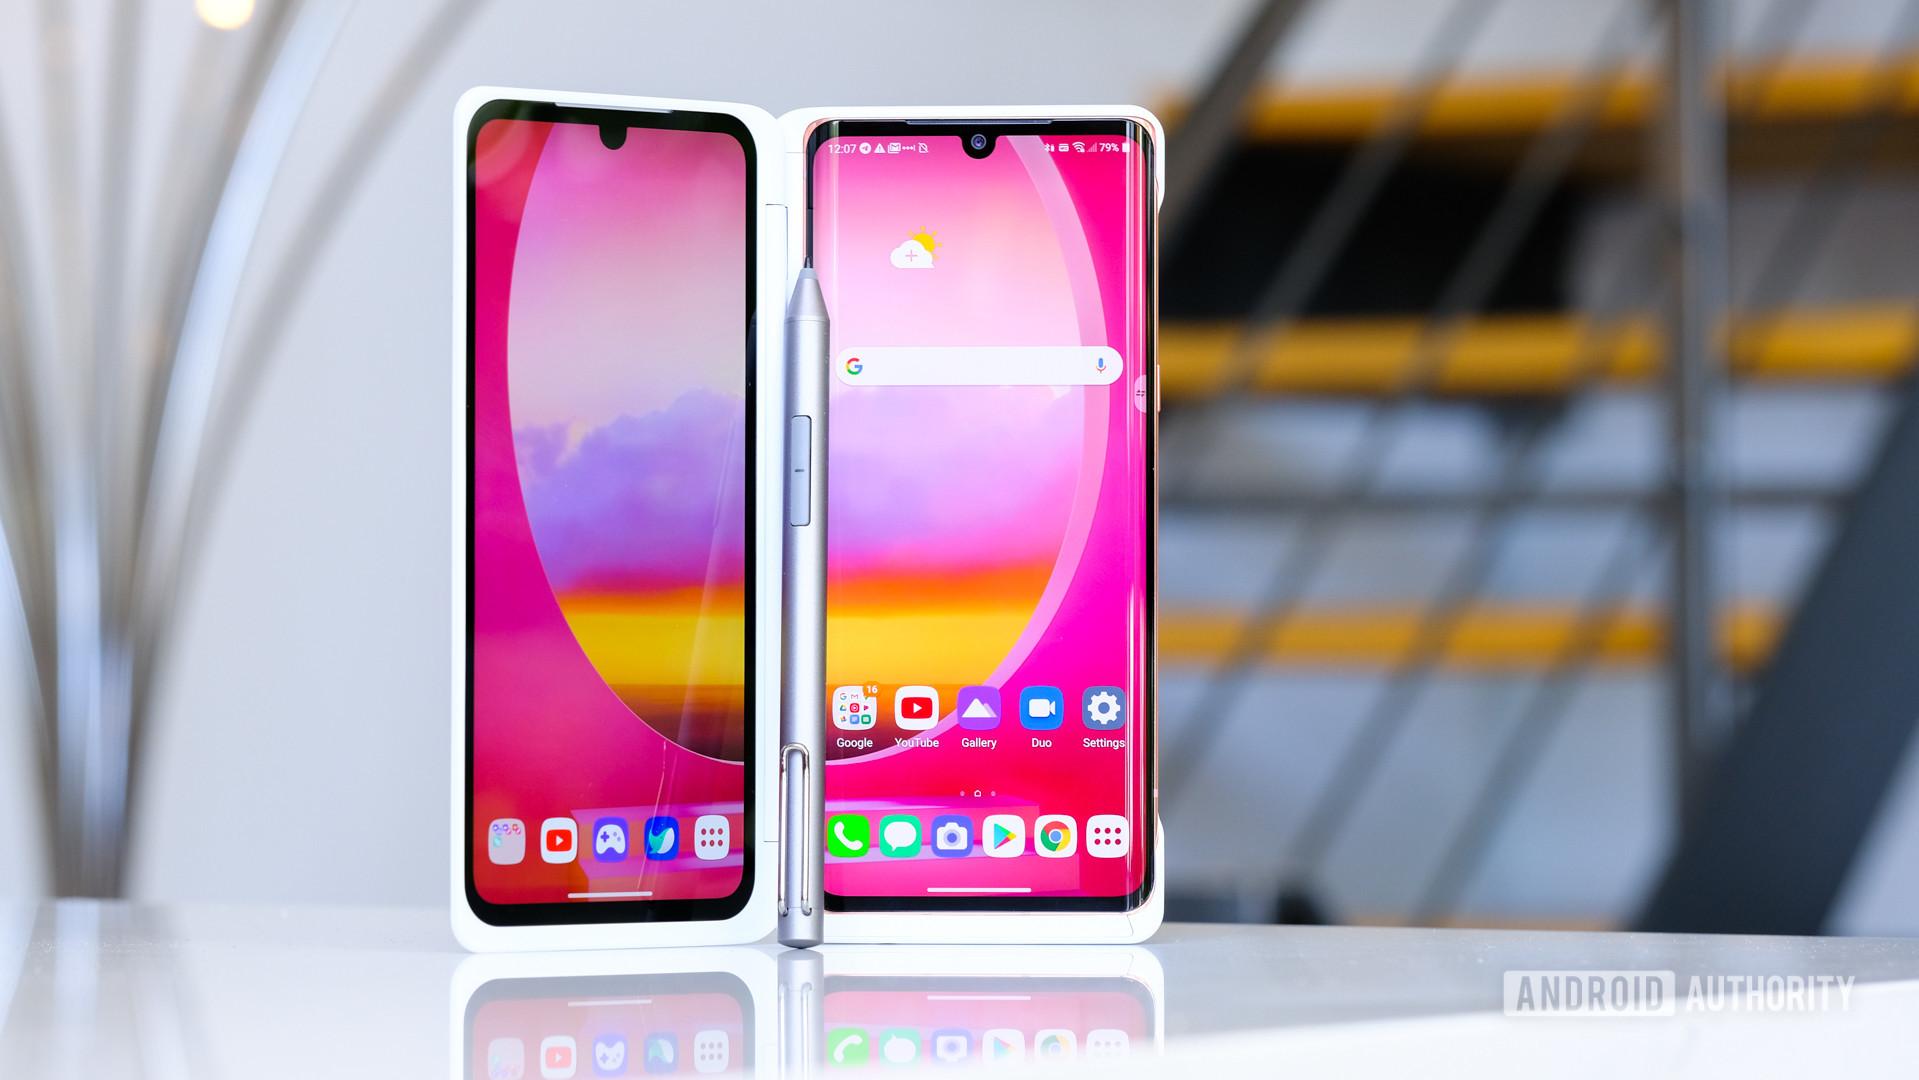 LG Velvet in dual screen standing up